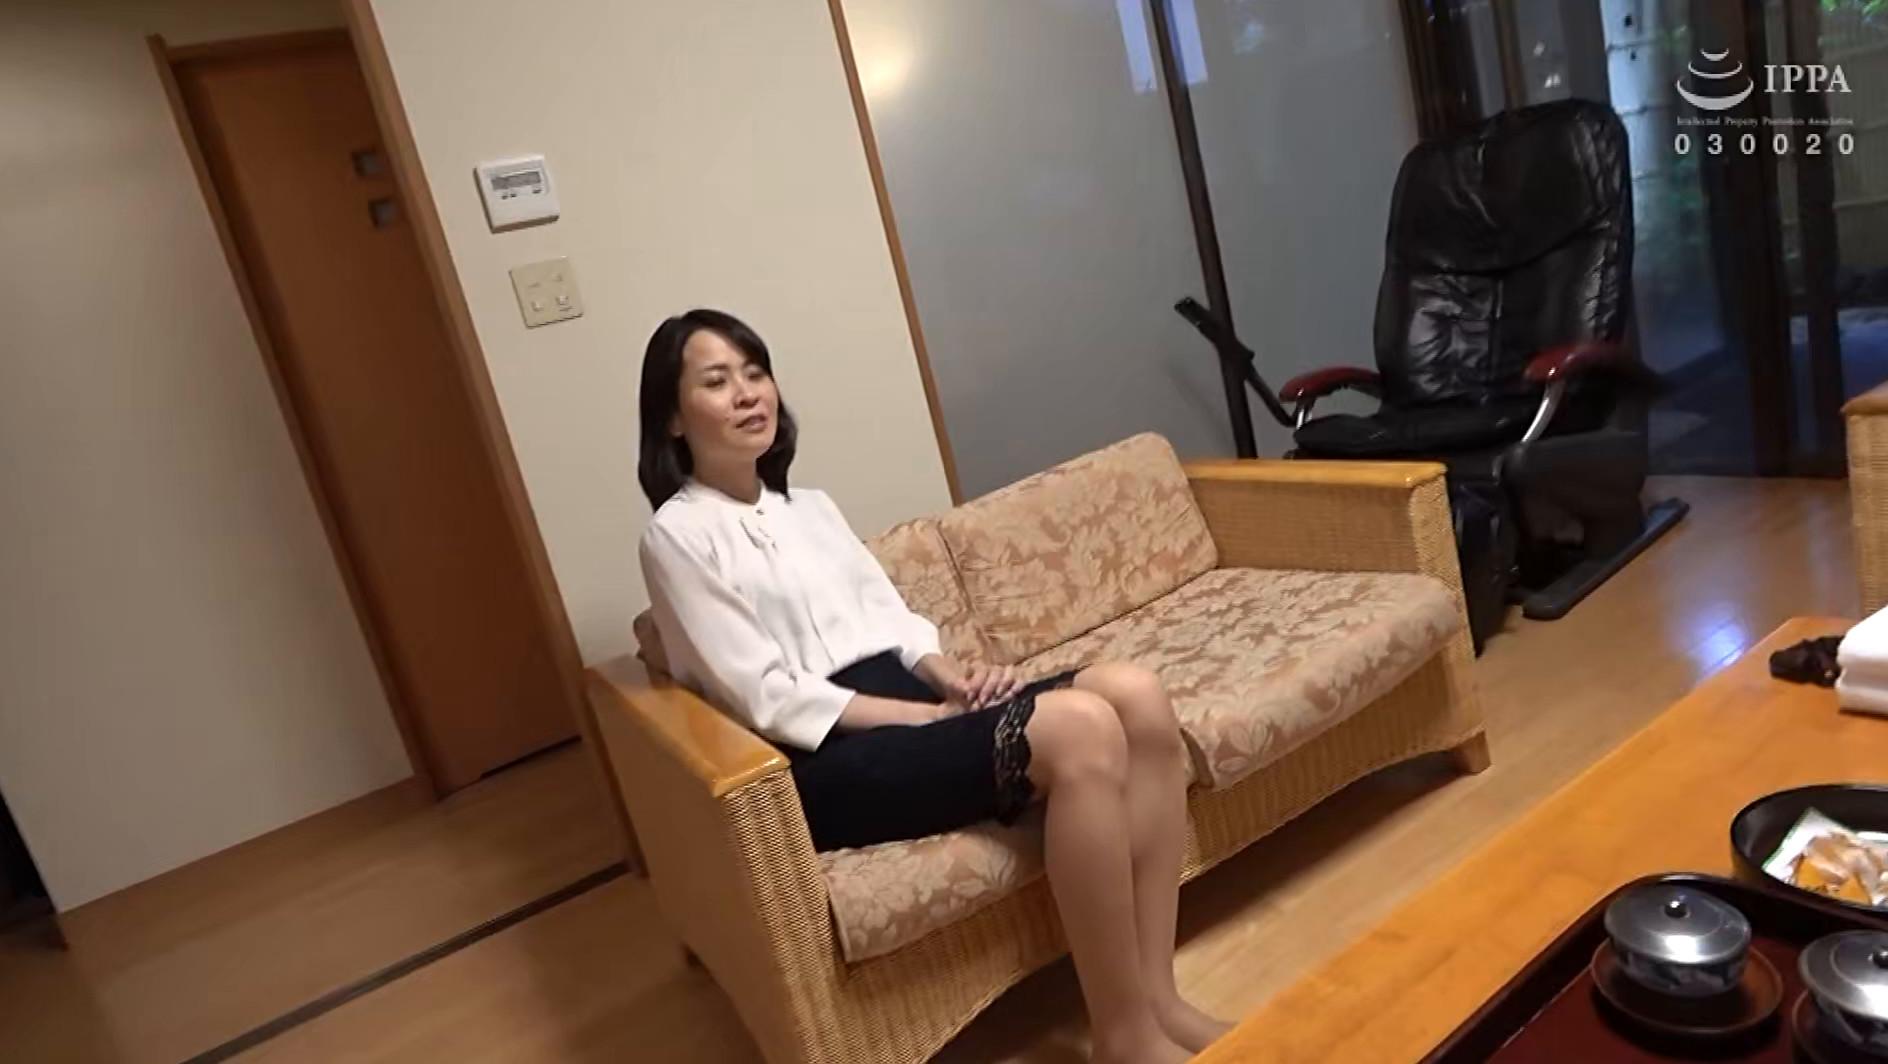 日帰り温泉 熟女色情旅 #026 紗月(仮) 48歳 離婚1回 子供無し,のサンプル画像3